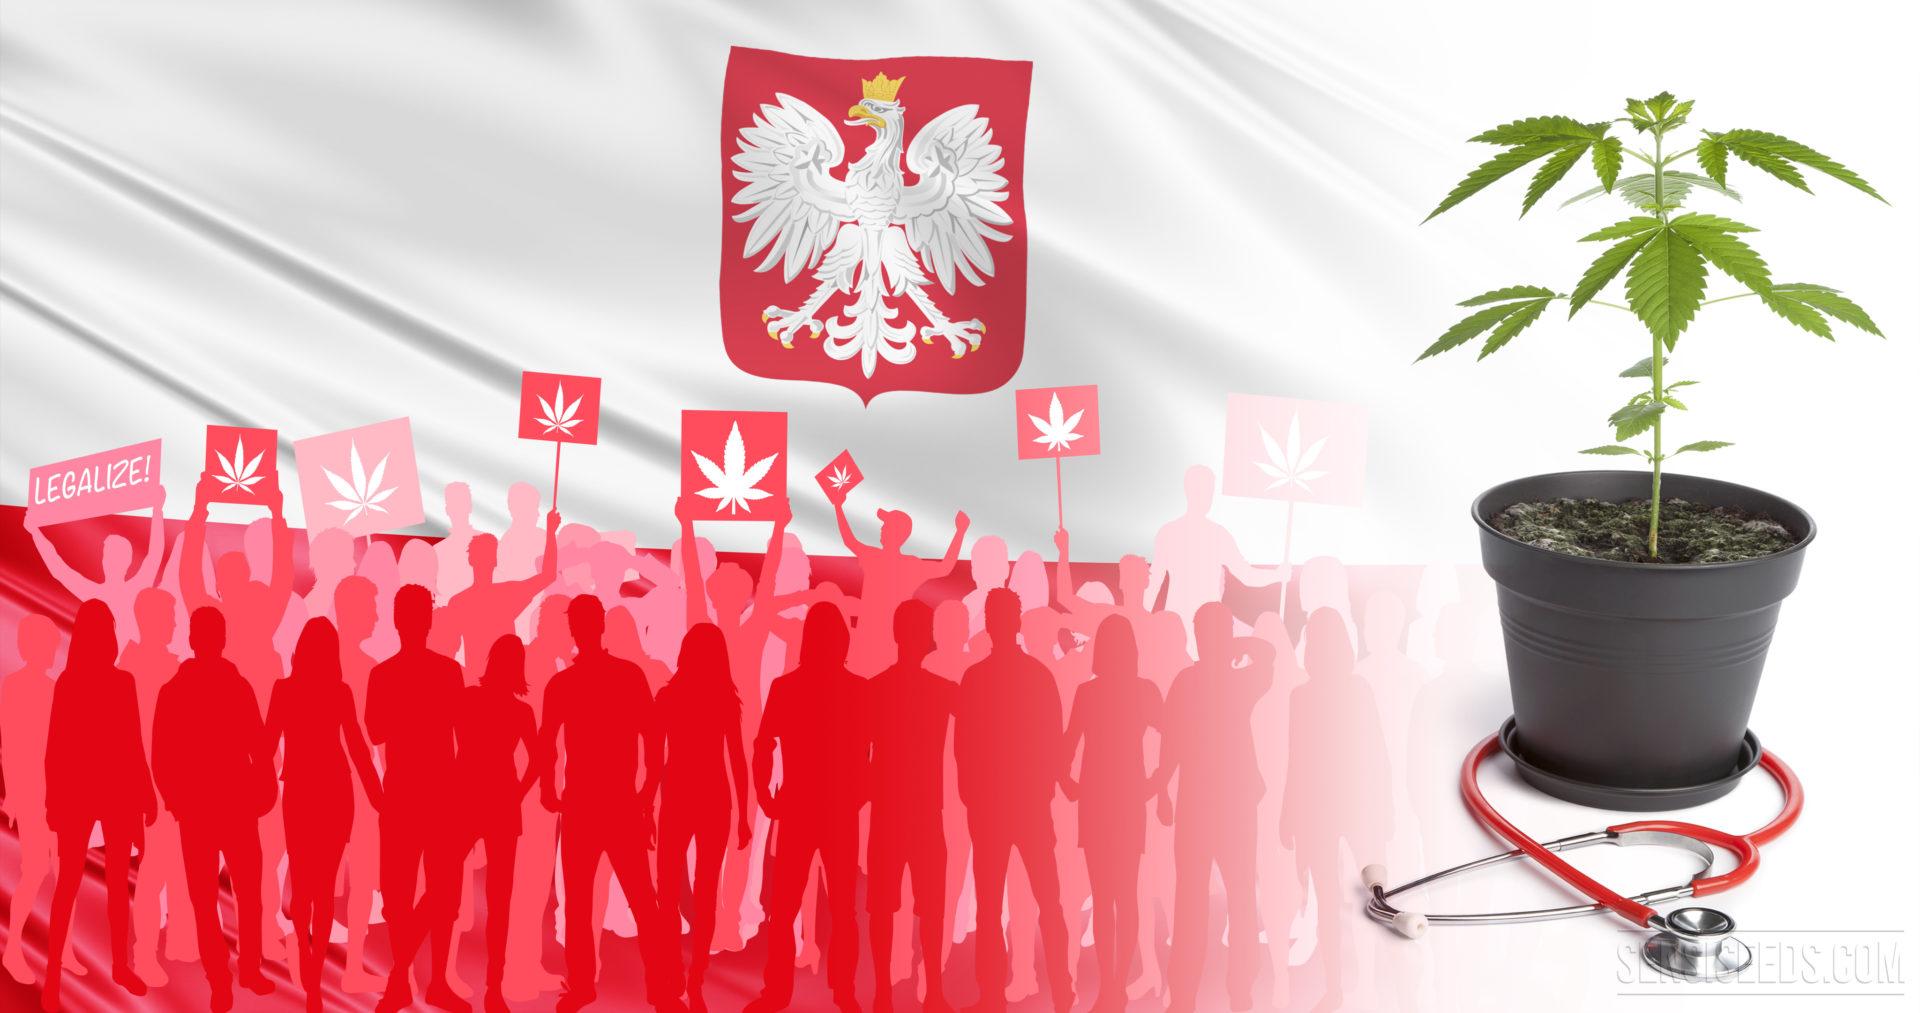 Doczekamy się upraw medycznej marihuany w Polsce